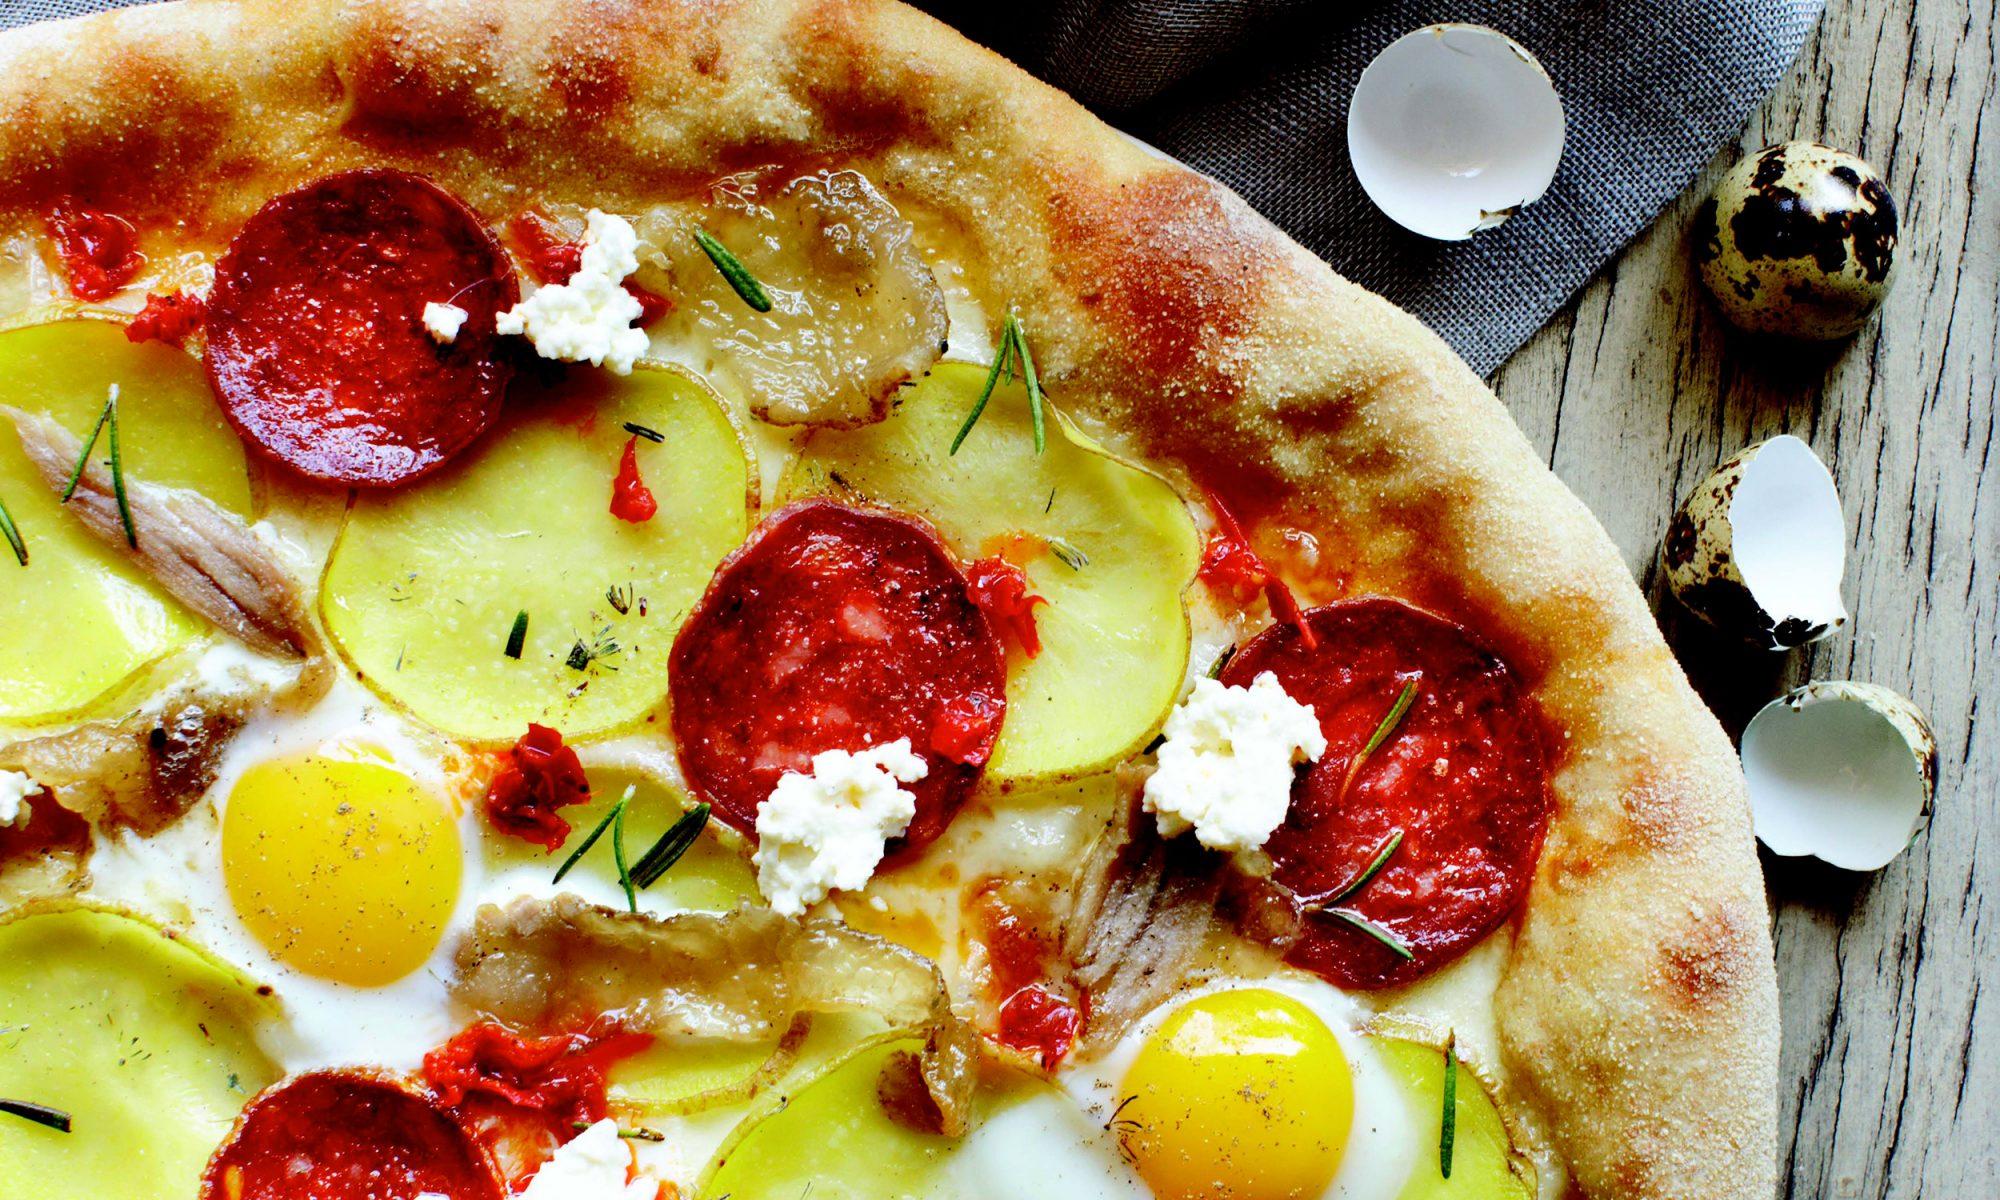 EC: Breakfast Pizza, West Coast Style